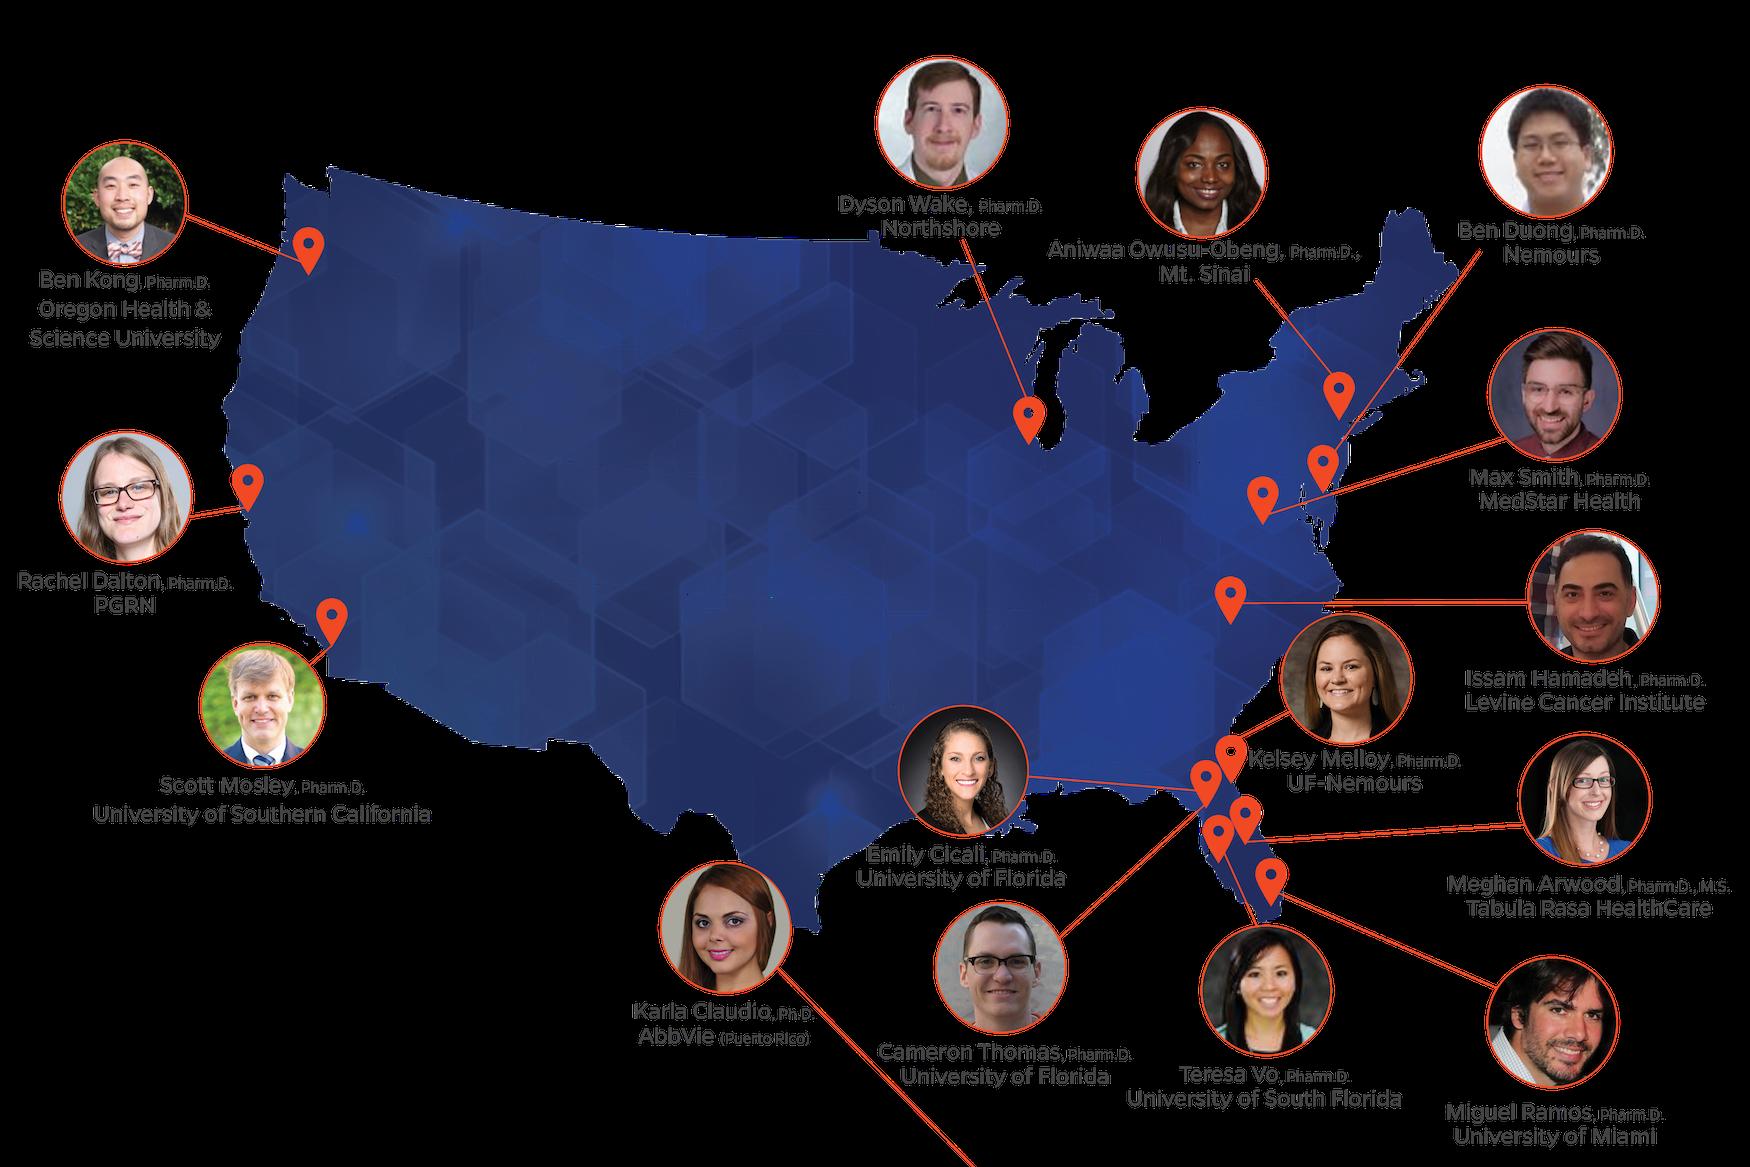 Fellow Map 2020